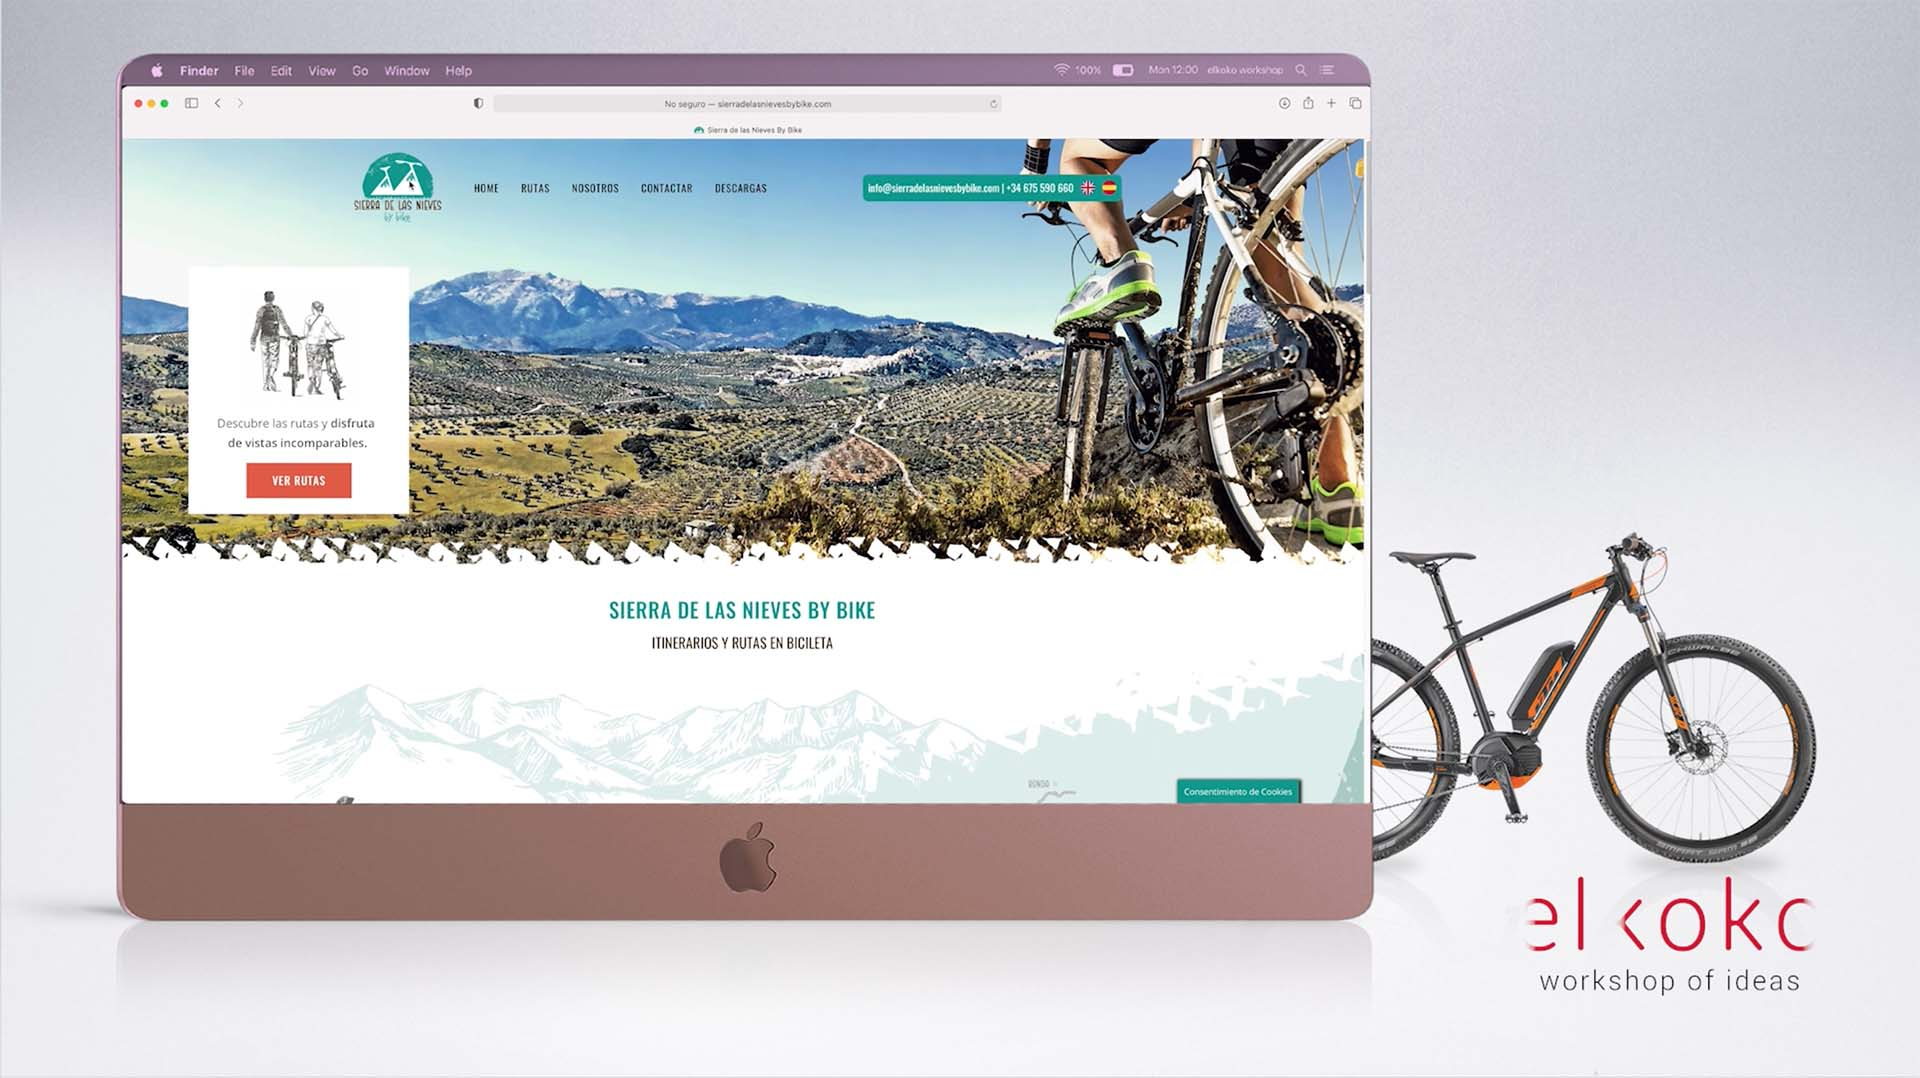 Sierra de las Nieves By Bike